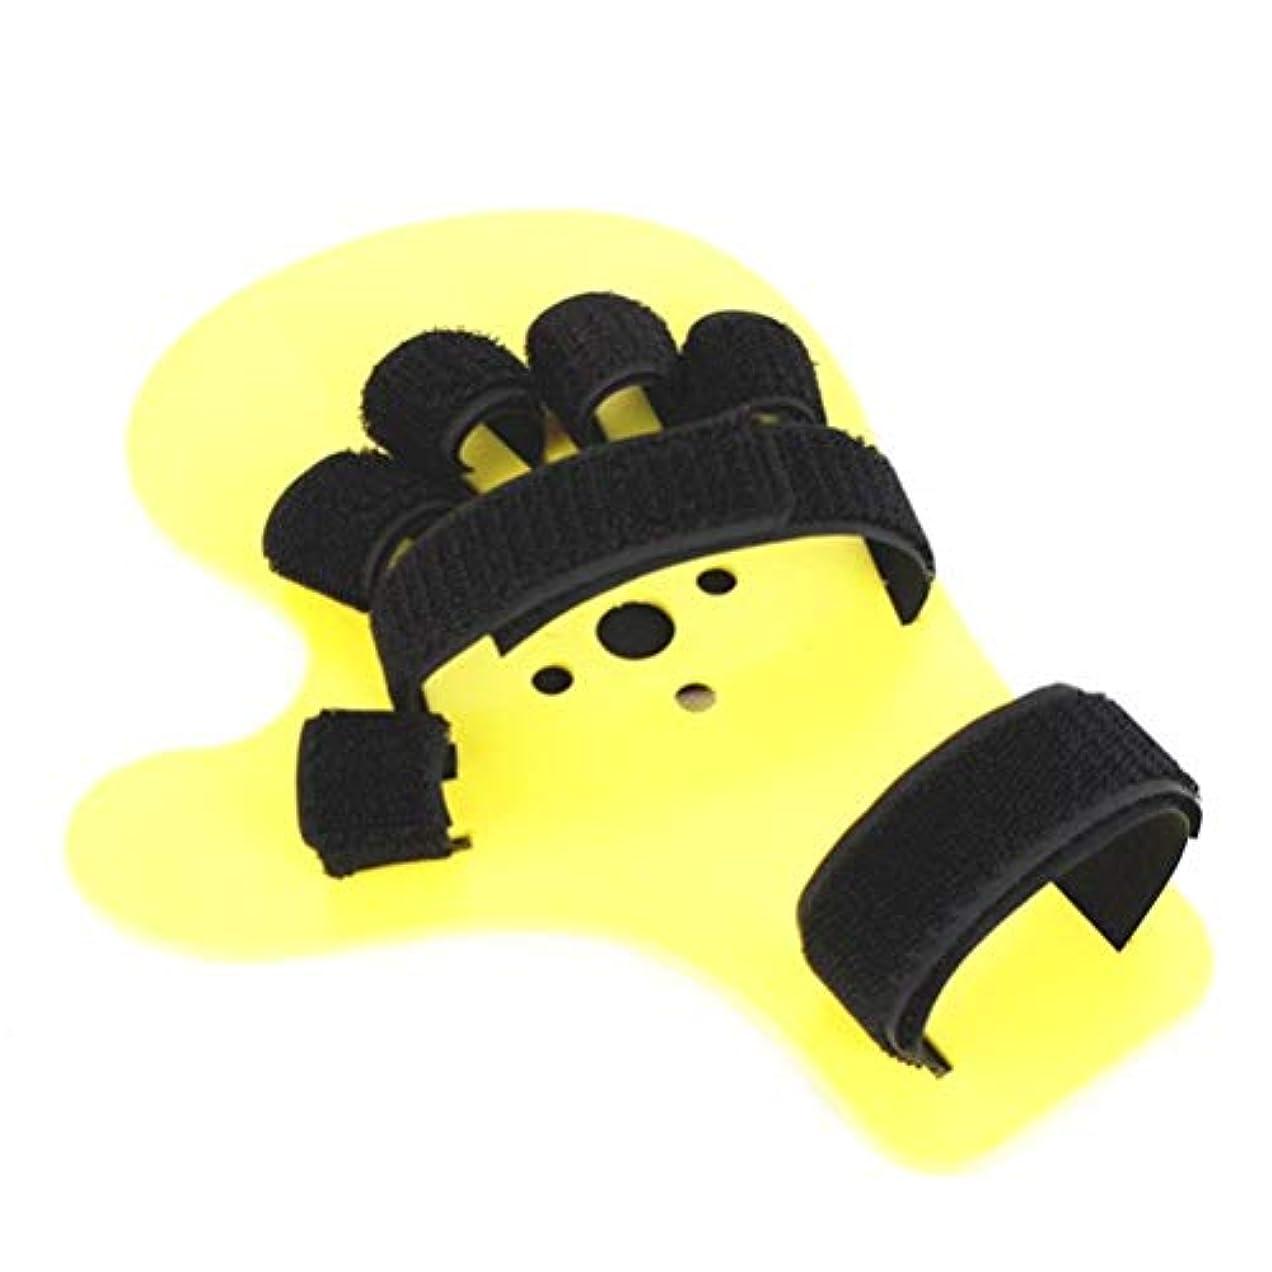 偏見義務付けられたリングABS調節可能な大人の指のトレーニング機器、/片麻痺/外傷性脳損傷リハビリテーション機器-左利きと右利き脳卒中の指インソール指ポイント